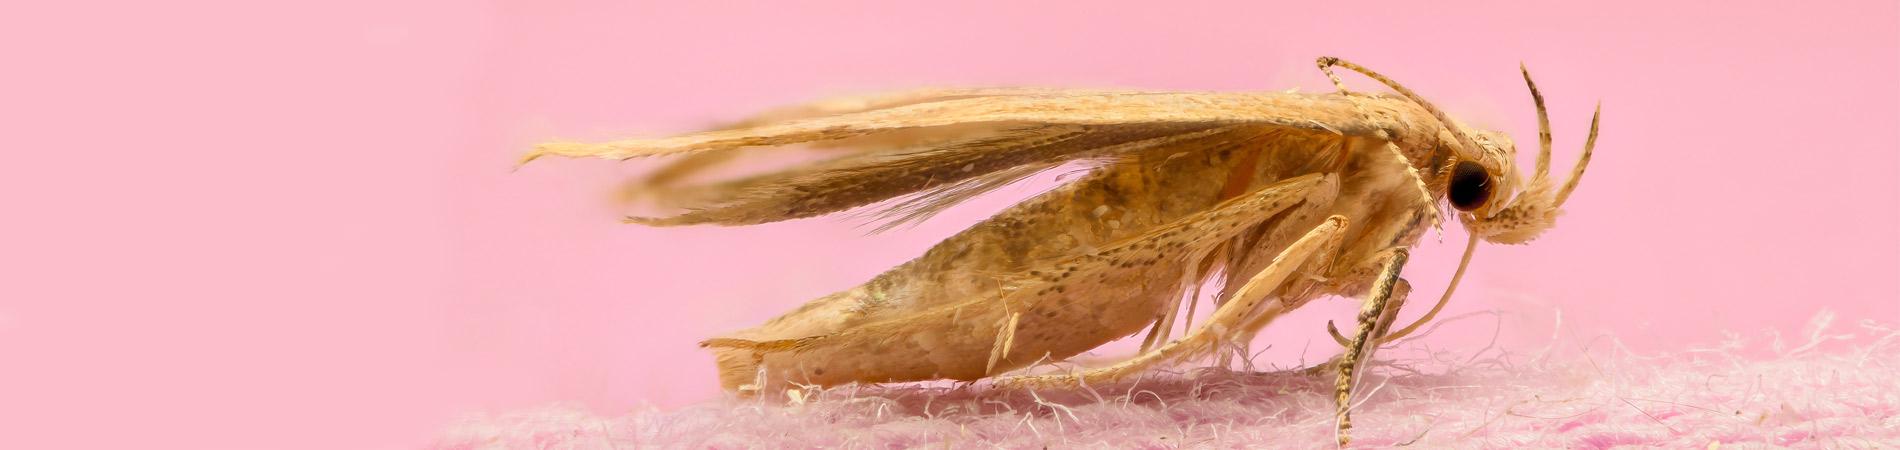 Similar Species Firebrat Fabric Amp Paper Pests Al